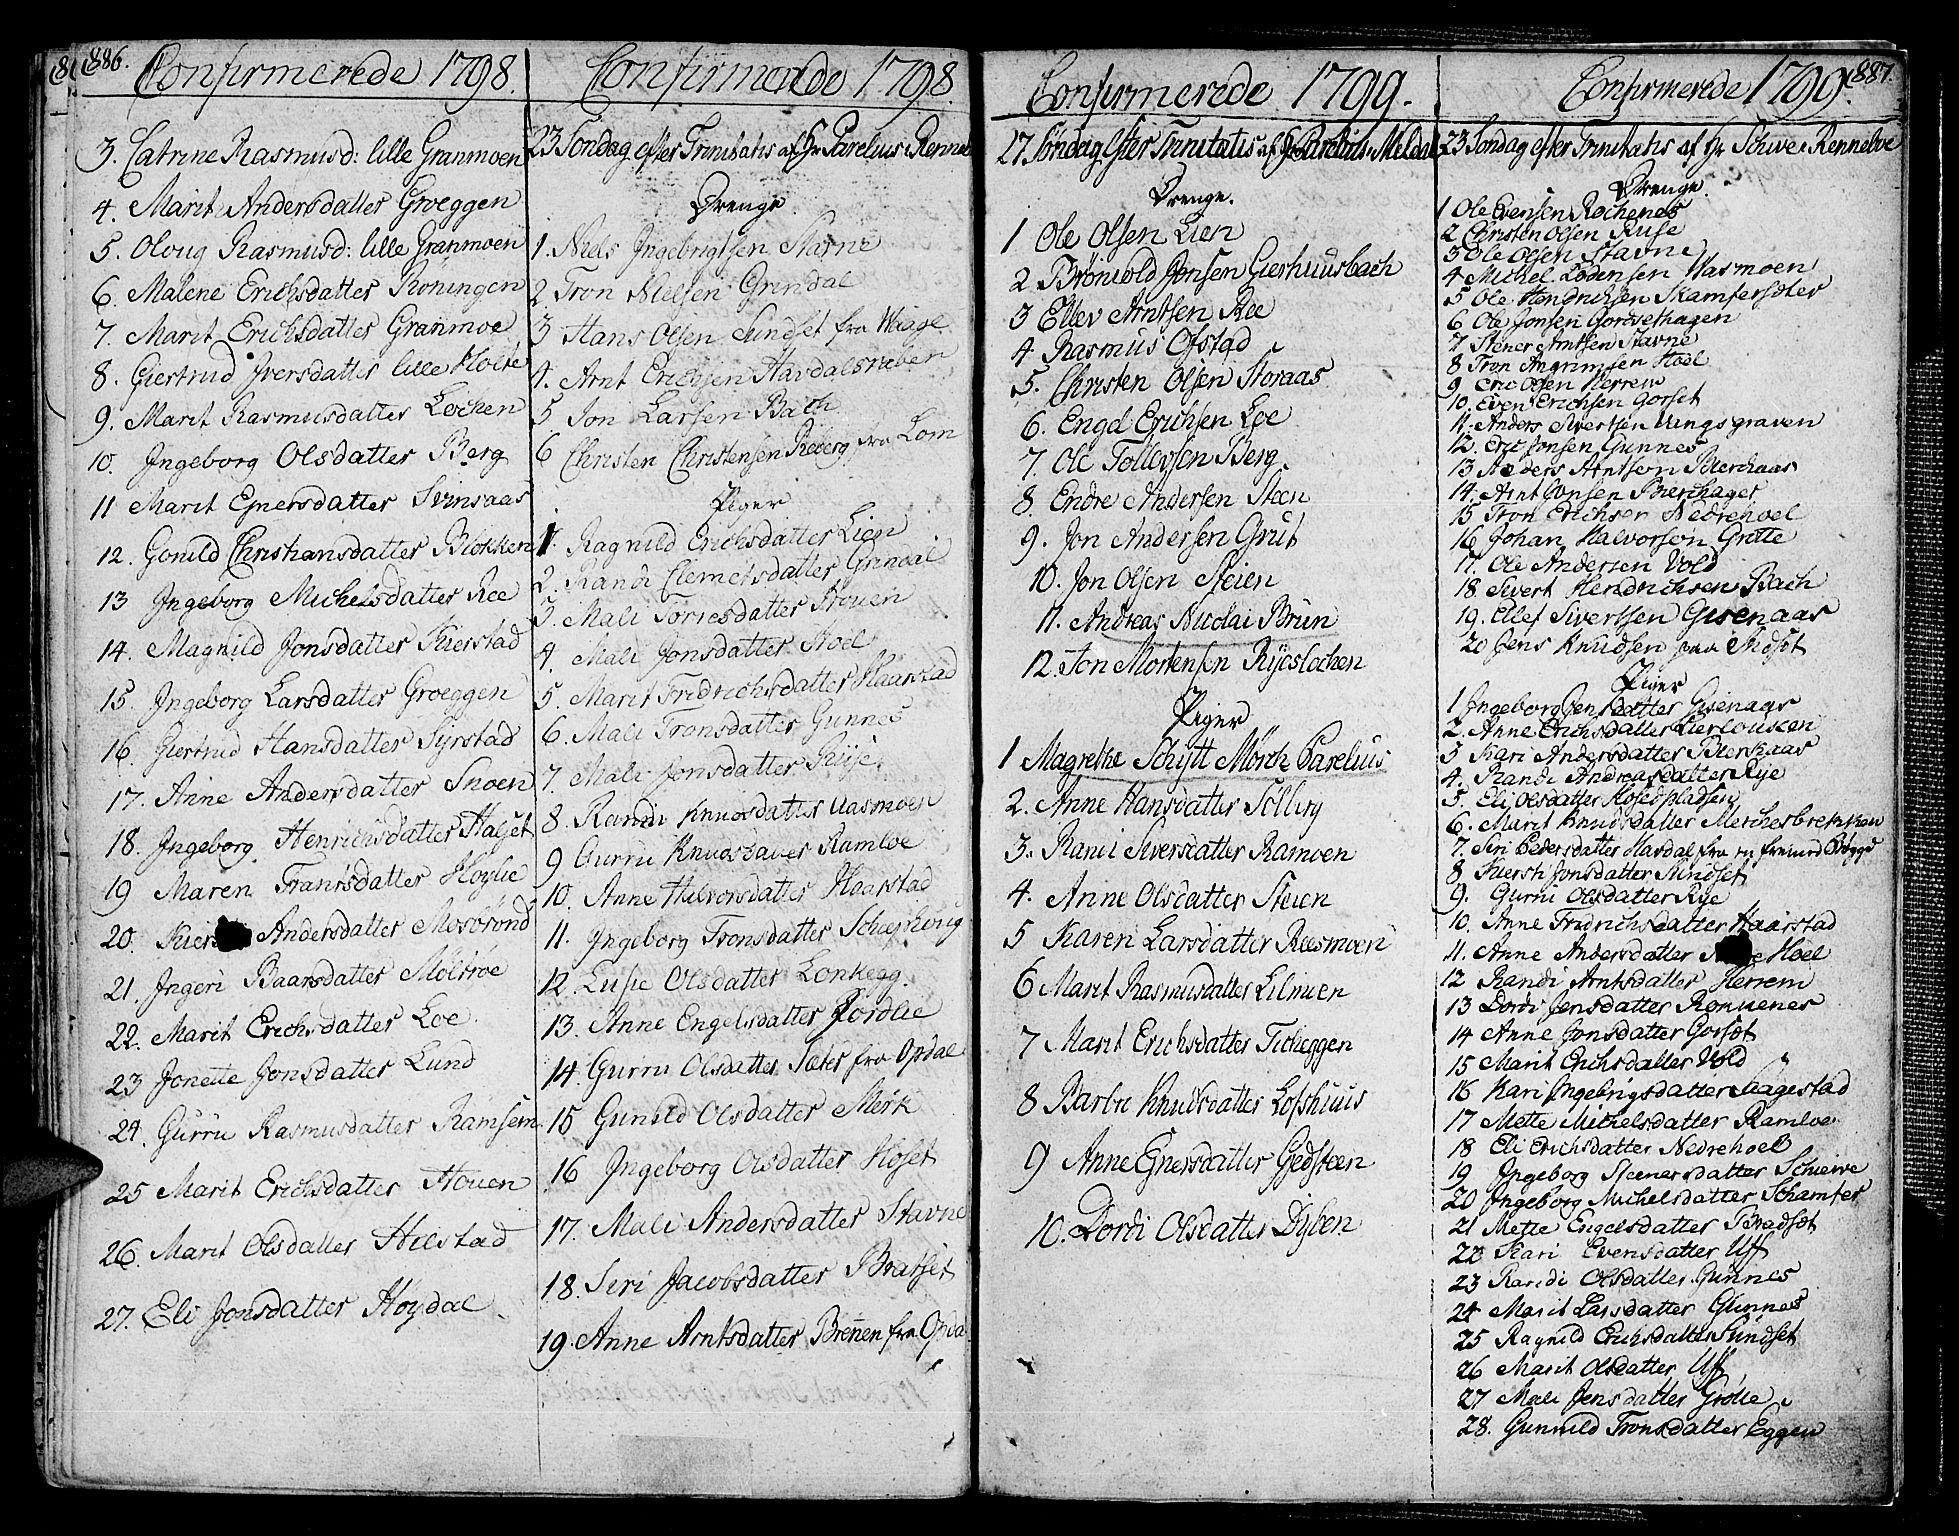 SAT, Ministerialprotokoller, klokkerbøker og fødselsregistre - Sør-Trøndelag, 672/L0852: Ministerialbok nr. 672A05, 1776-1815, s. 886-887